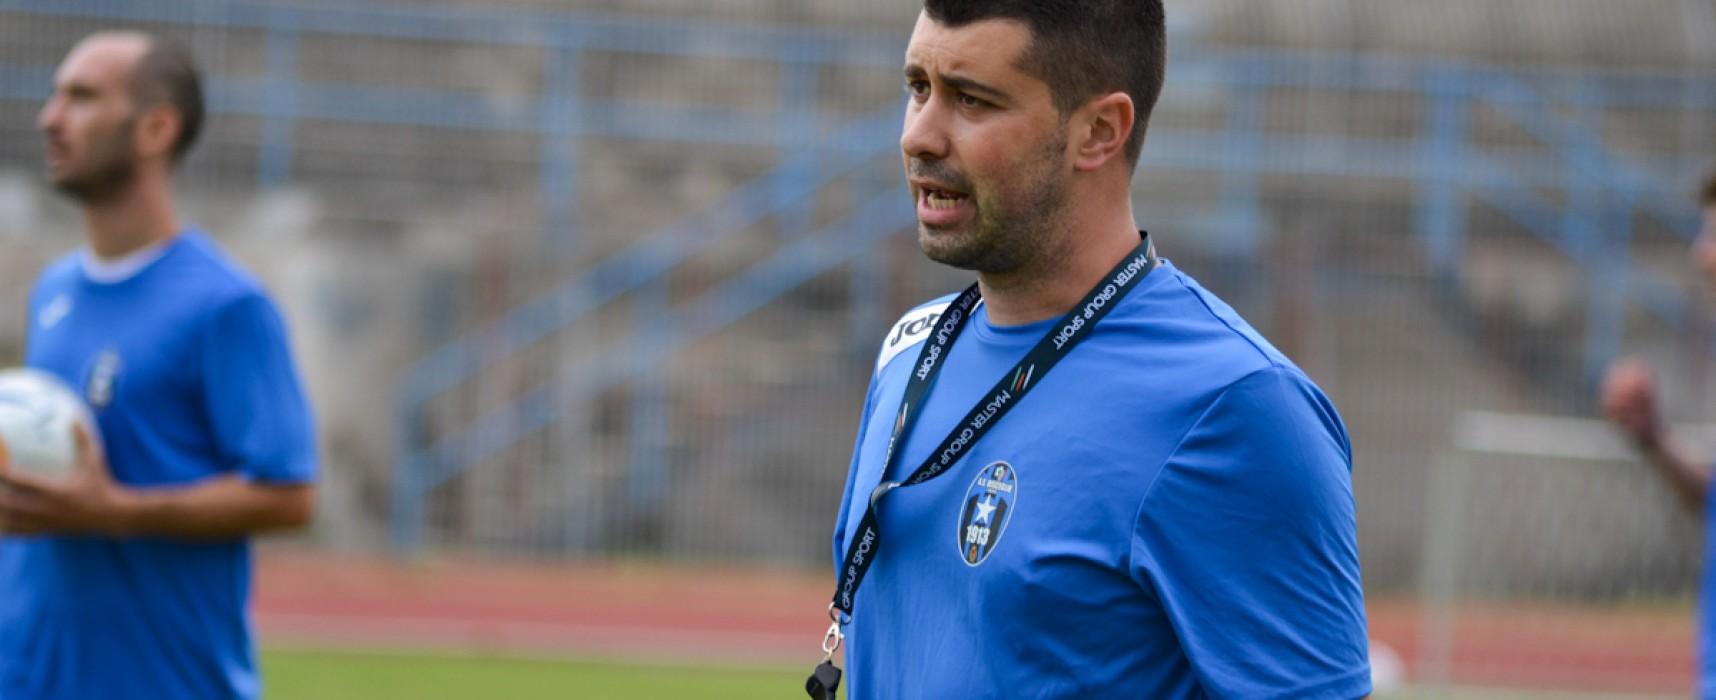 """Bisceglie Calcio, De Luca: """"Gara di sacrificio per tutti, ma abbiamo meritato"""""""